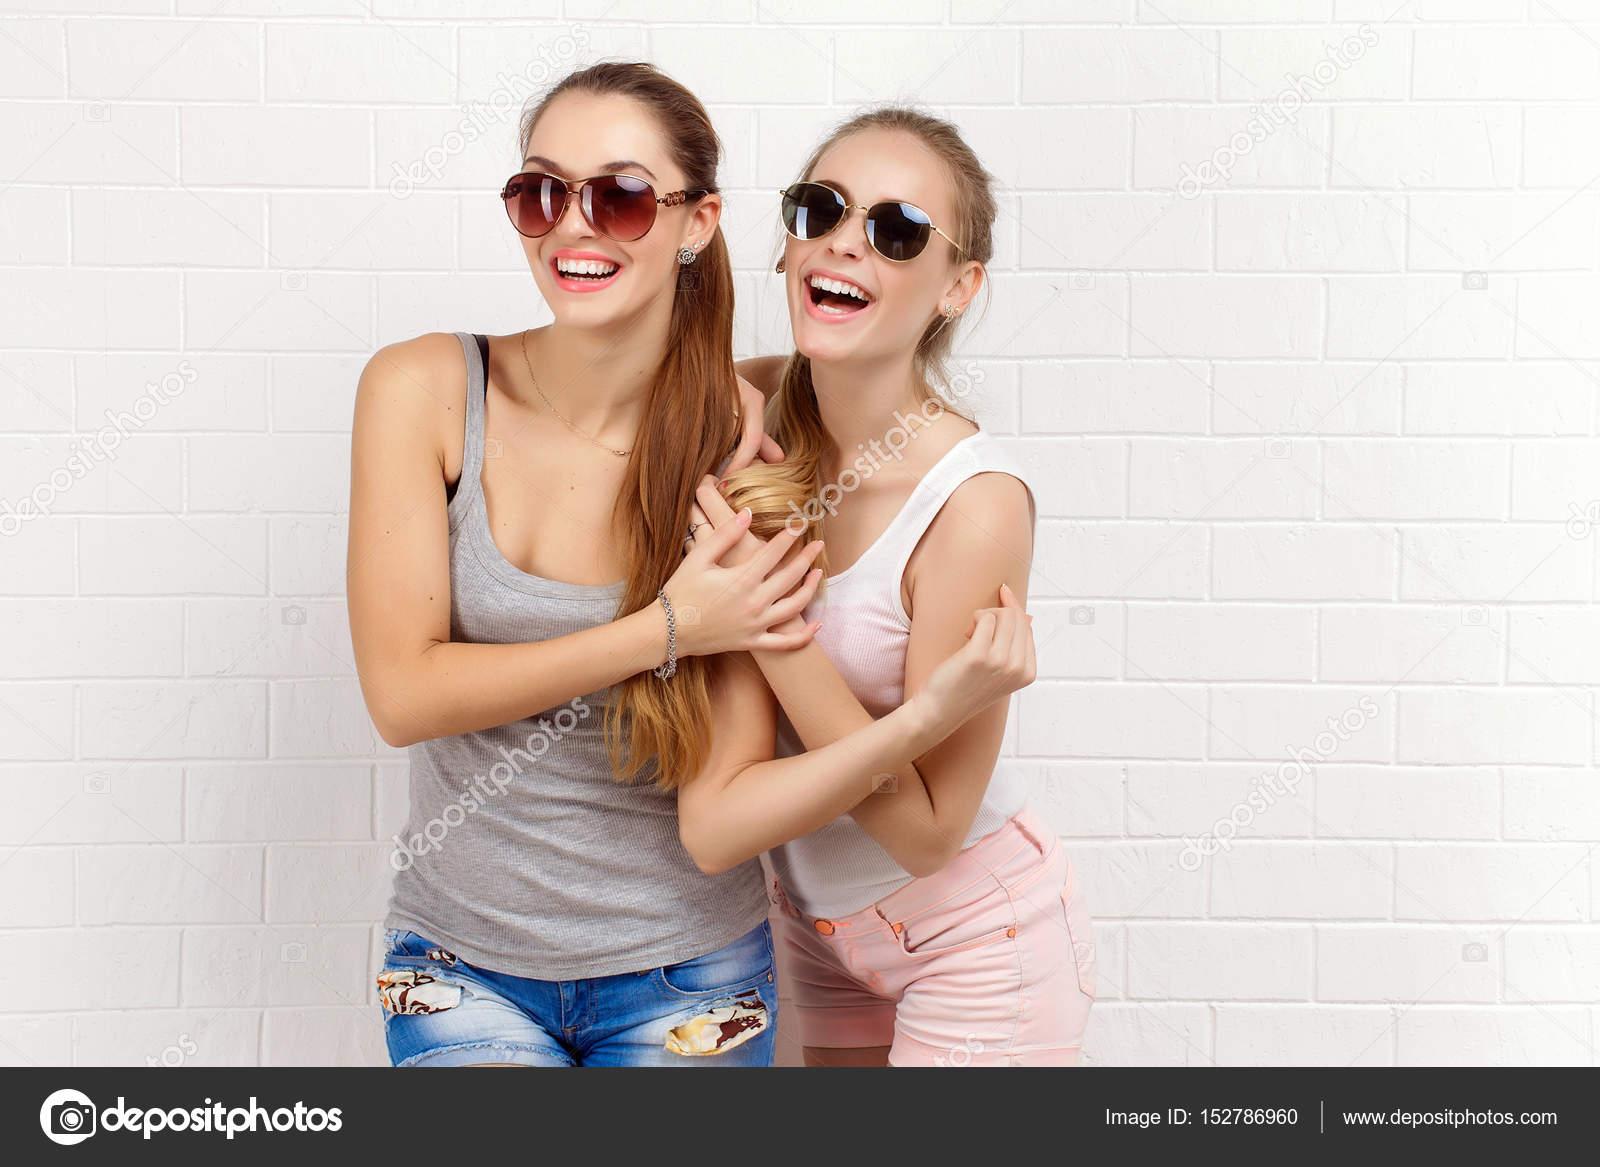 Mode portrait de deux amis qui posent. mode de vie moderne. deux filles  élégantes hipster sexy meilleures amies prêts pour le parti. Deux jeunes  amis de la ... 2fefef71472a